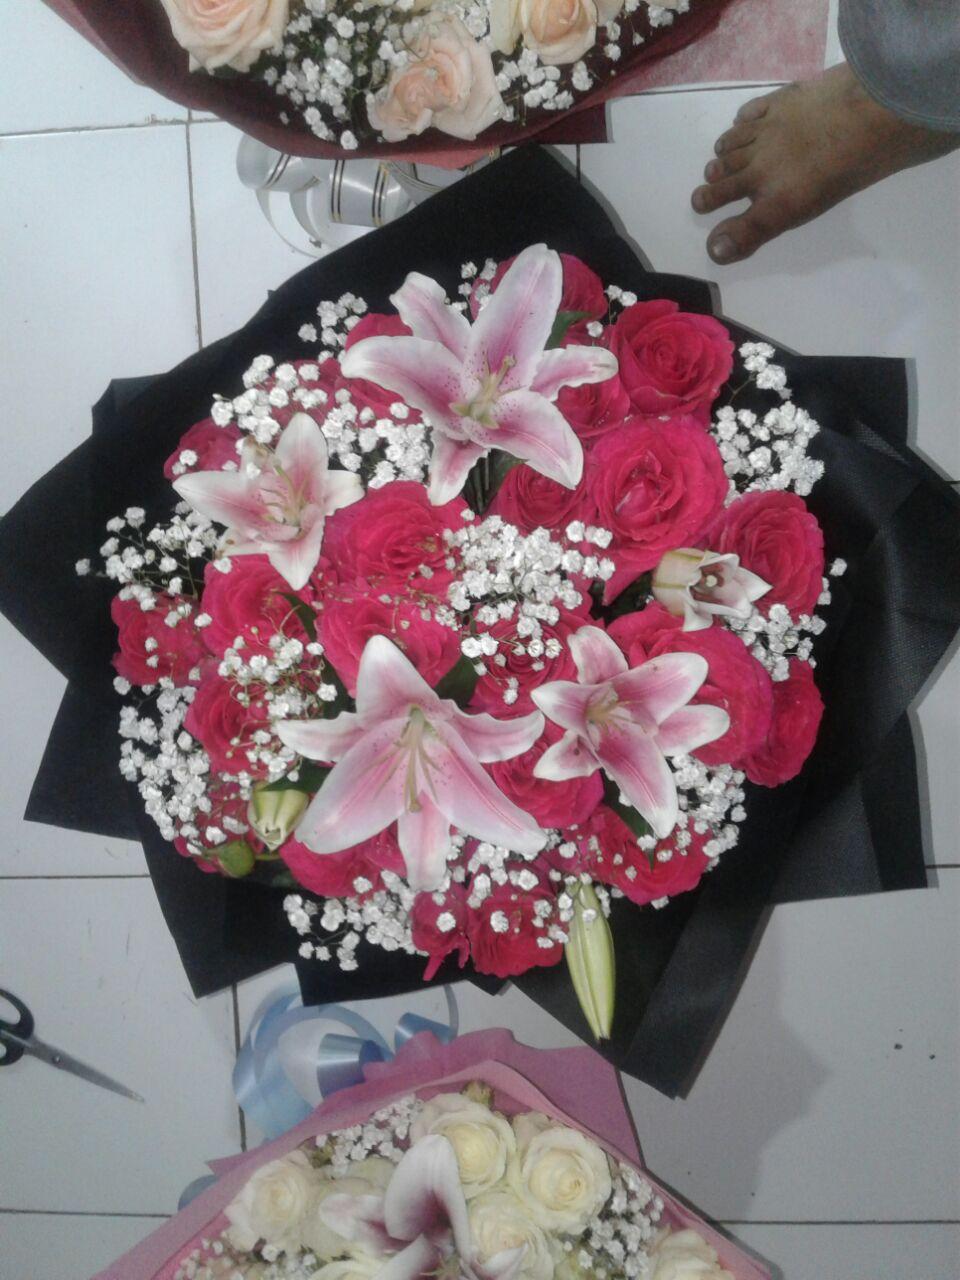 Hand Bouquet Terjangkau di Batam. Keindahan bunga ... cf507a7795